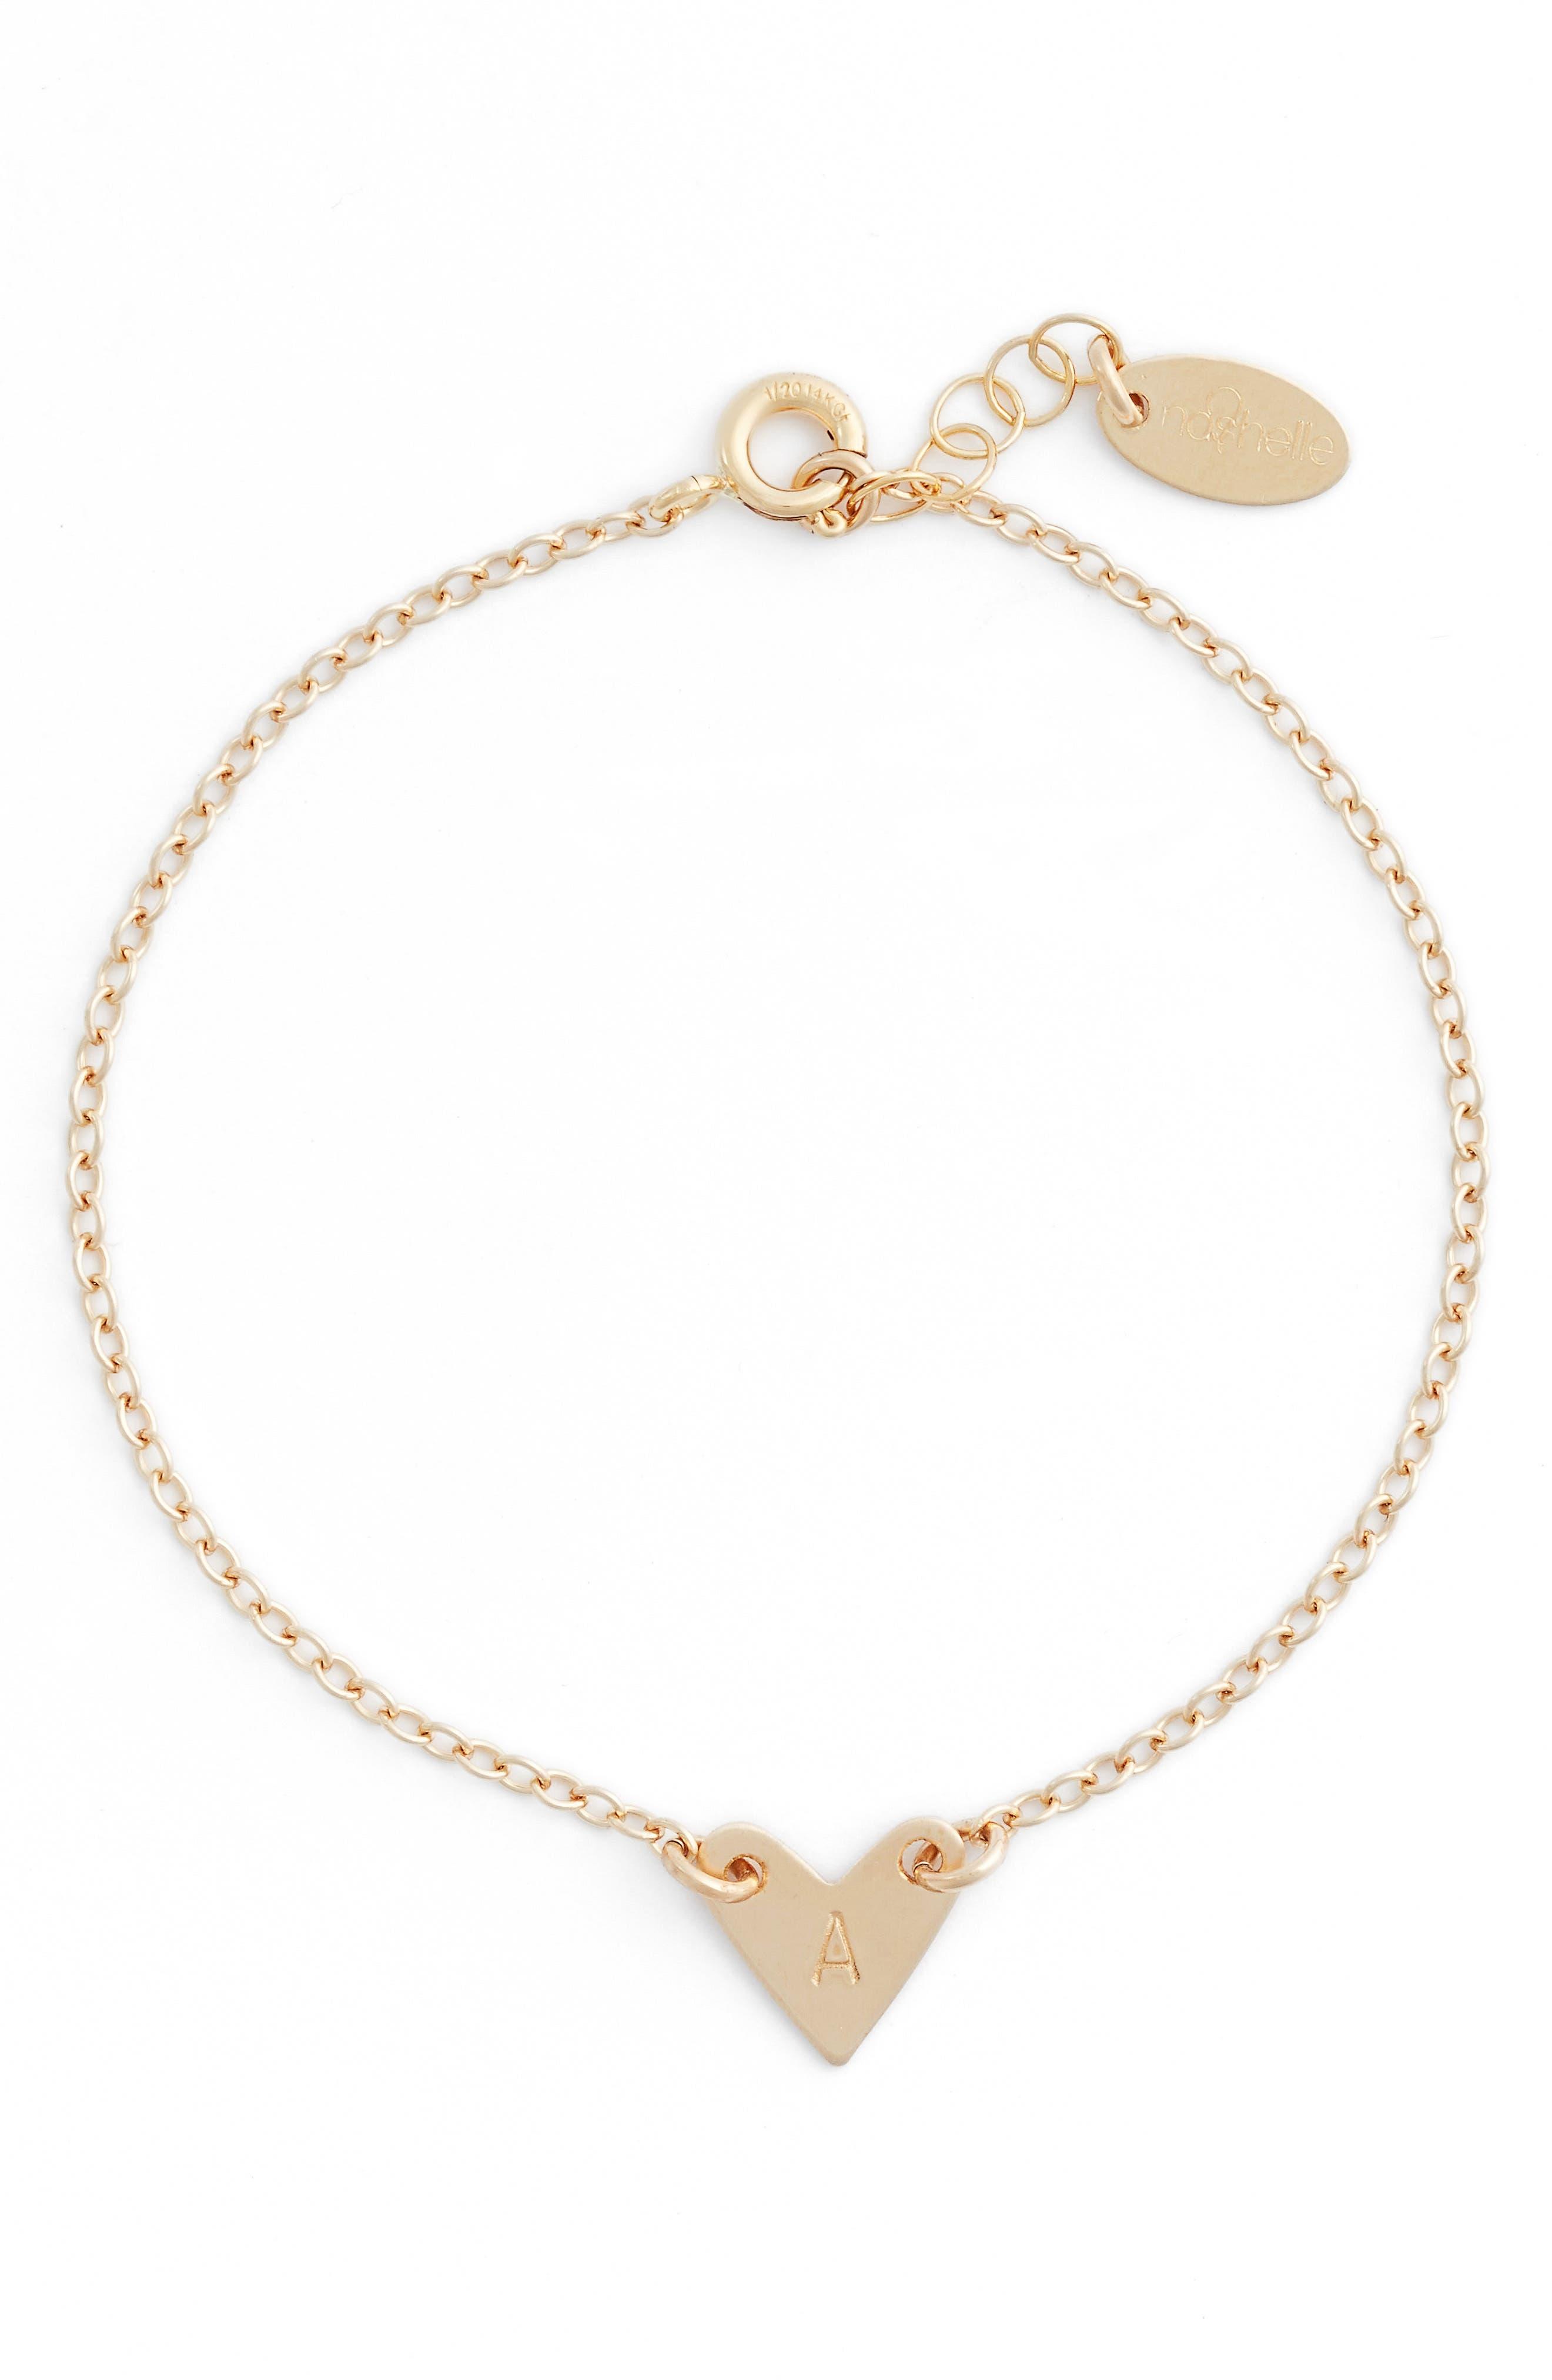 Alternate Image 1 Selected - Nashelle Initial Heart Bracelet